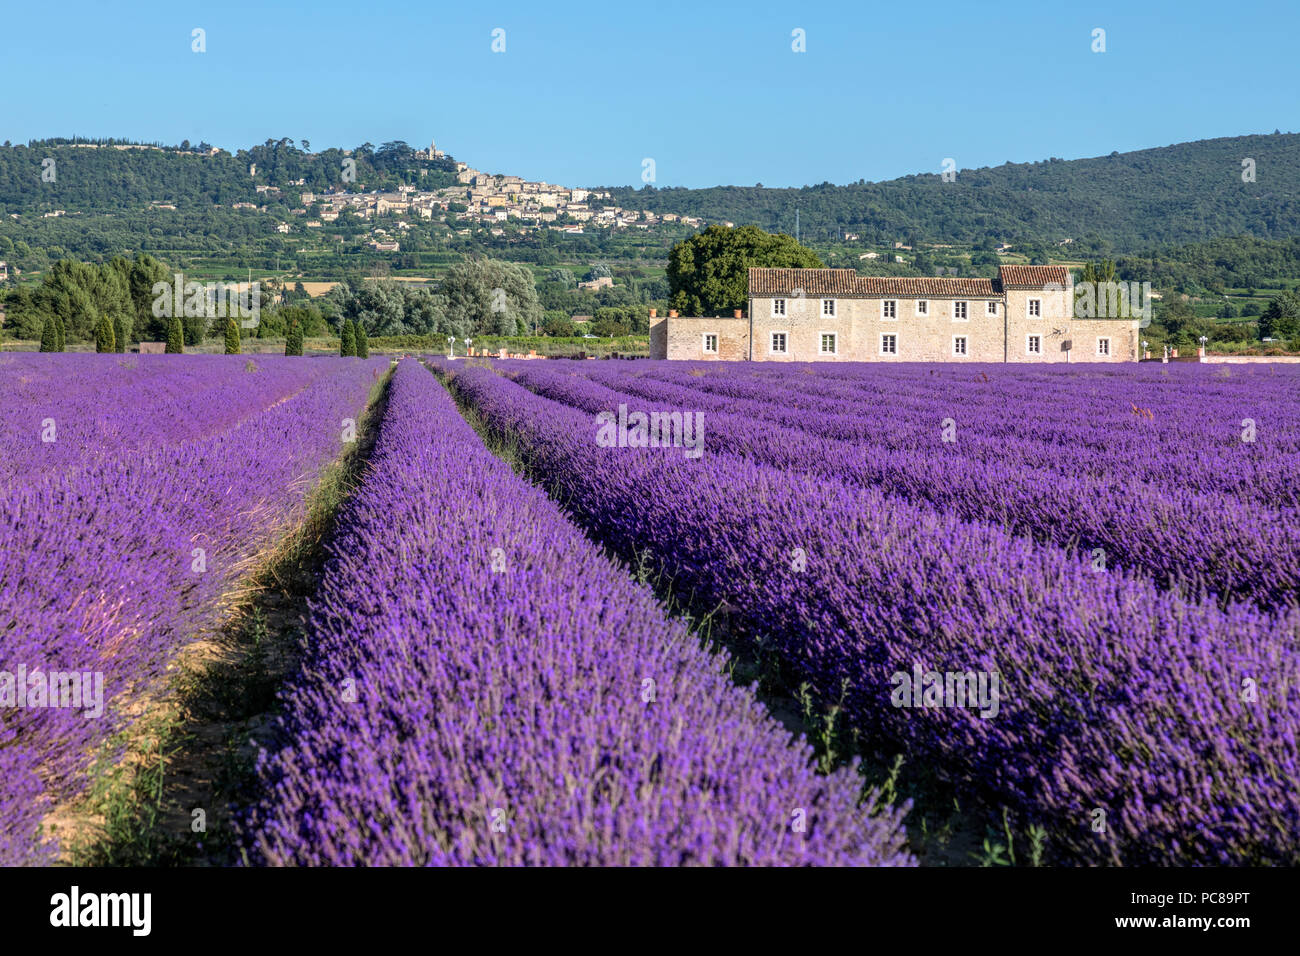 Bonnieux, lavender fields, Apt, Provence, France - Stock Image